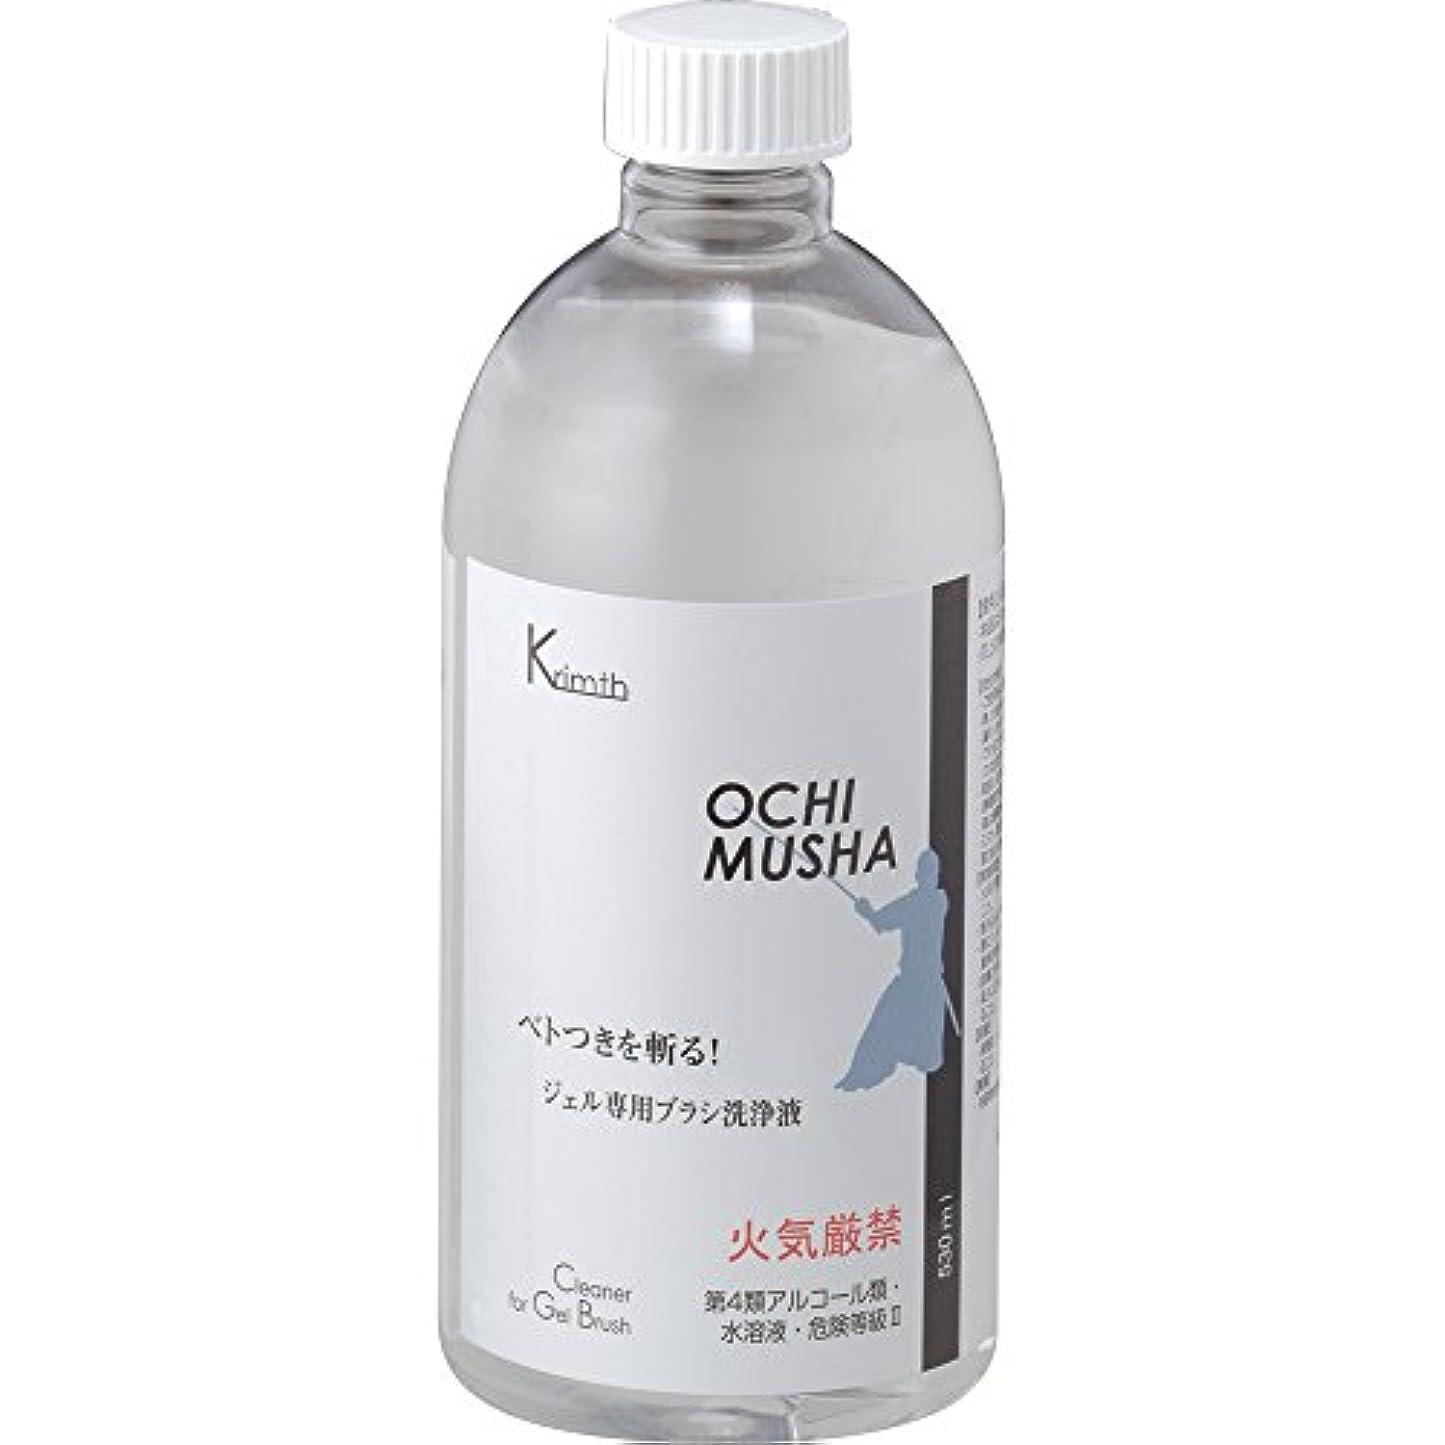 憎しみ噴水第Krimth Ochimusha 530ml